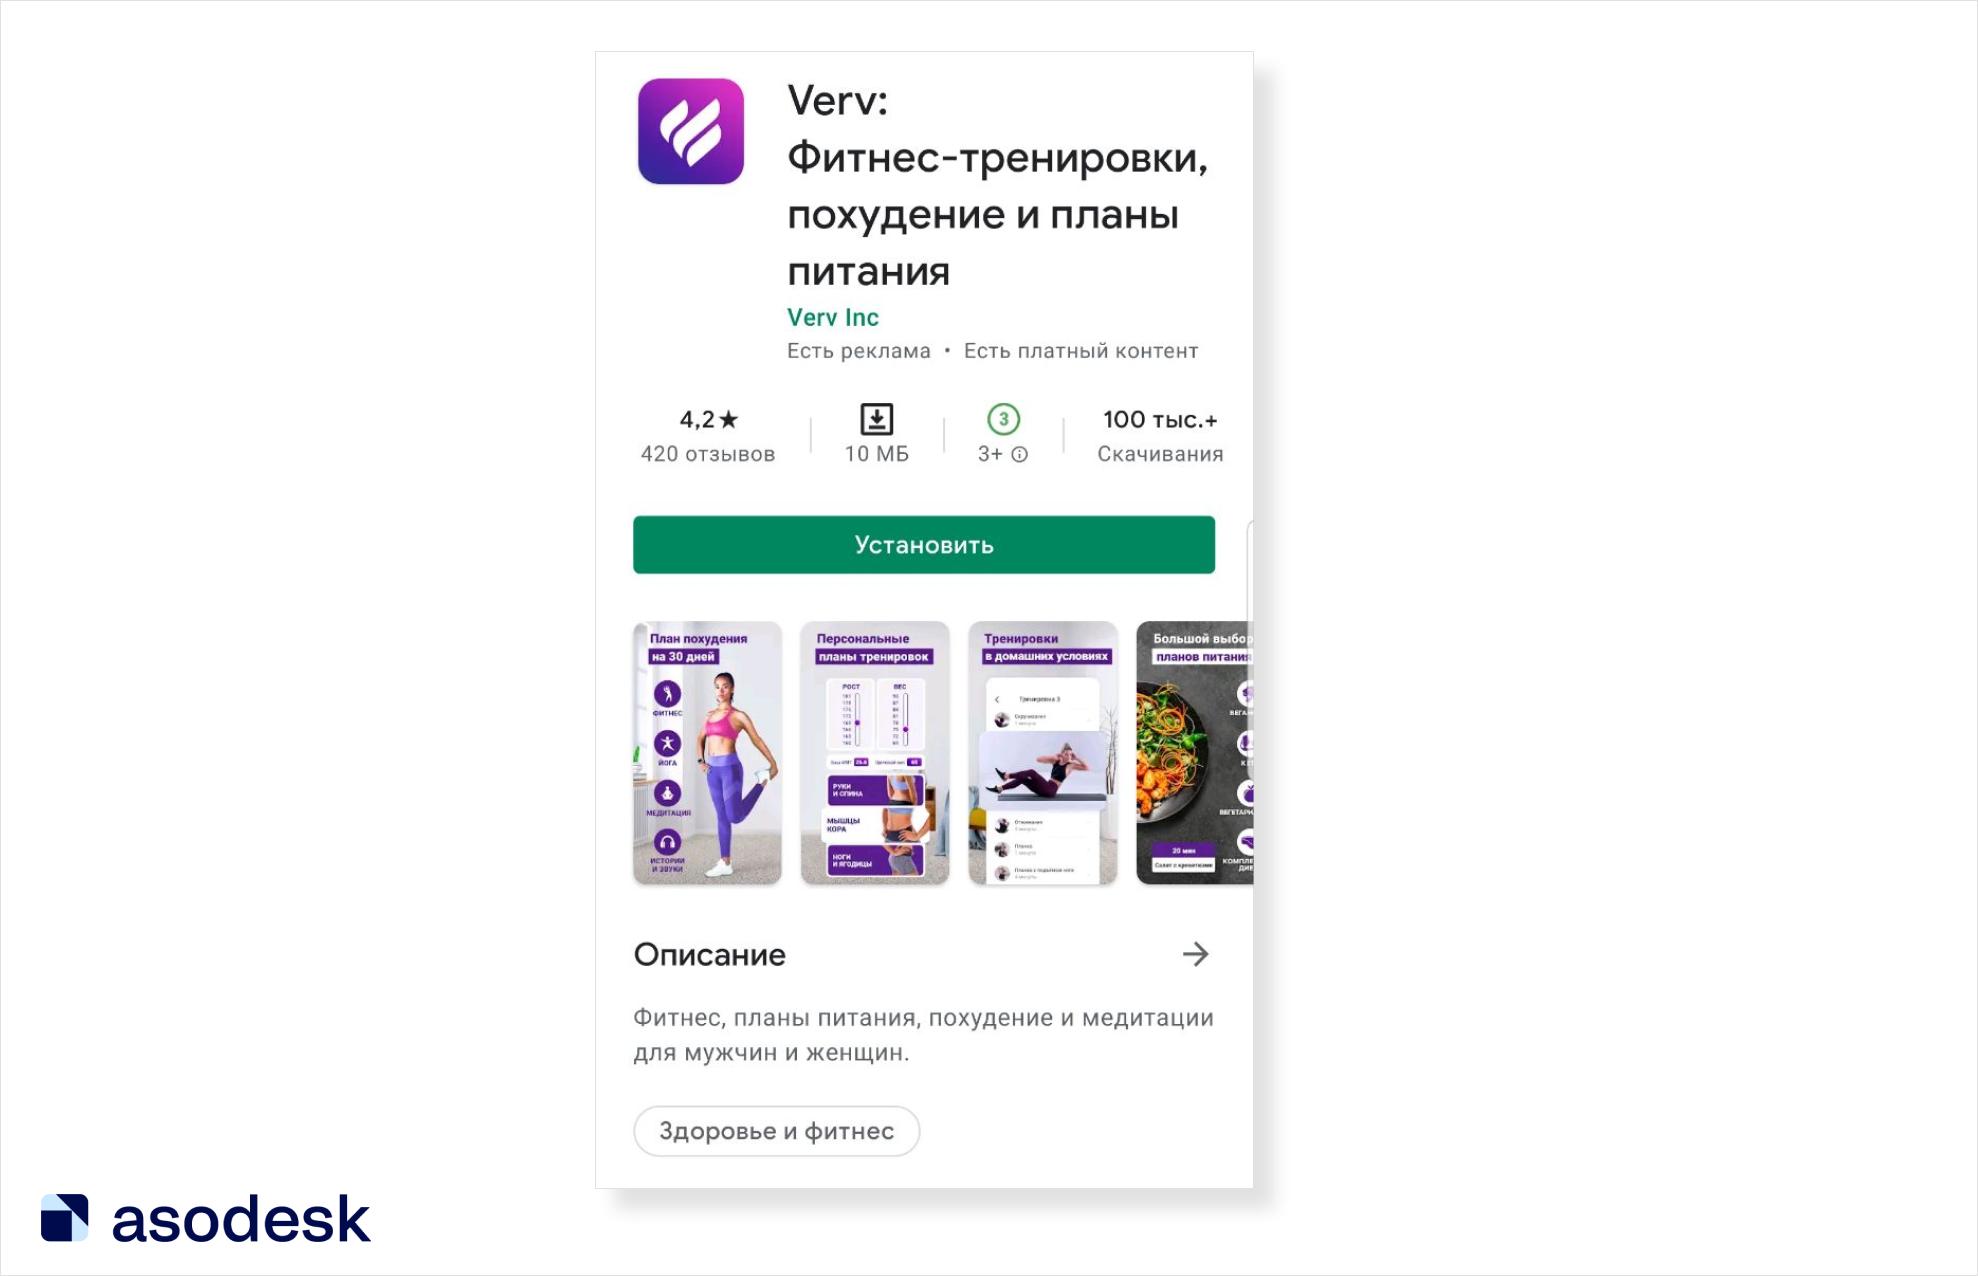 Сочетание запросов в названии приложения и на скриншотах приложения Verv